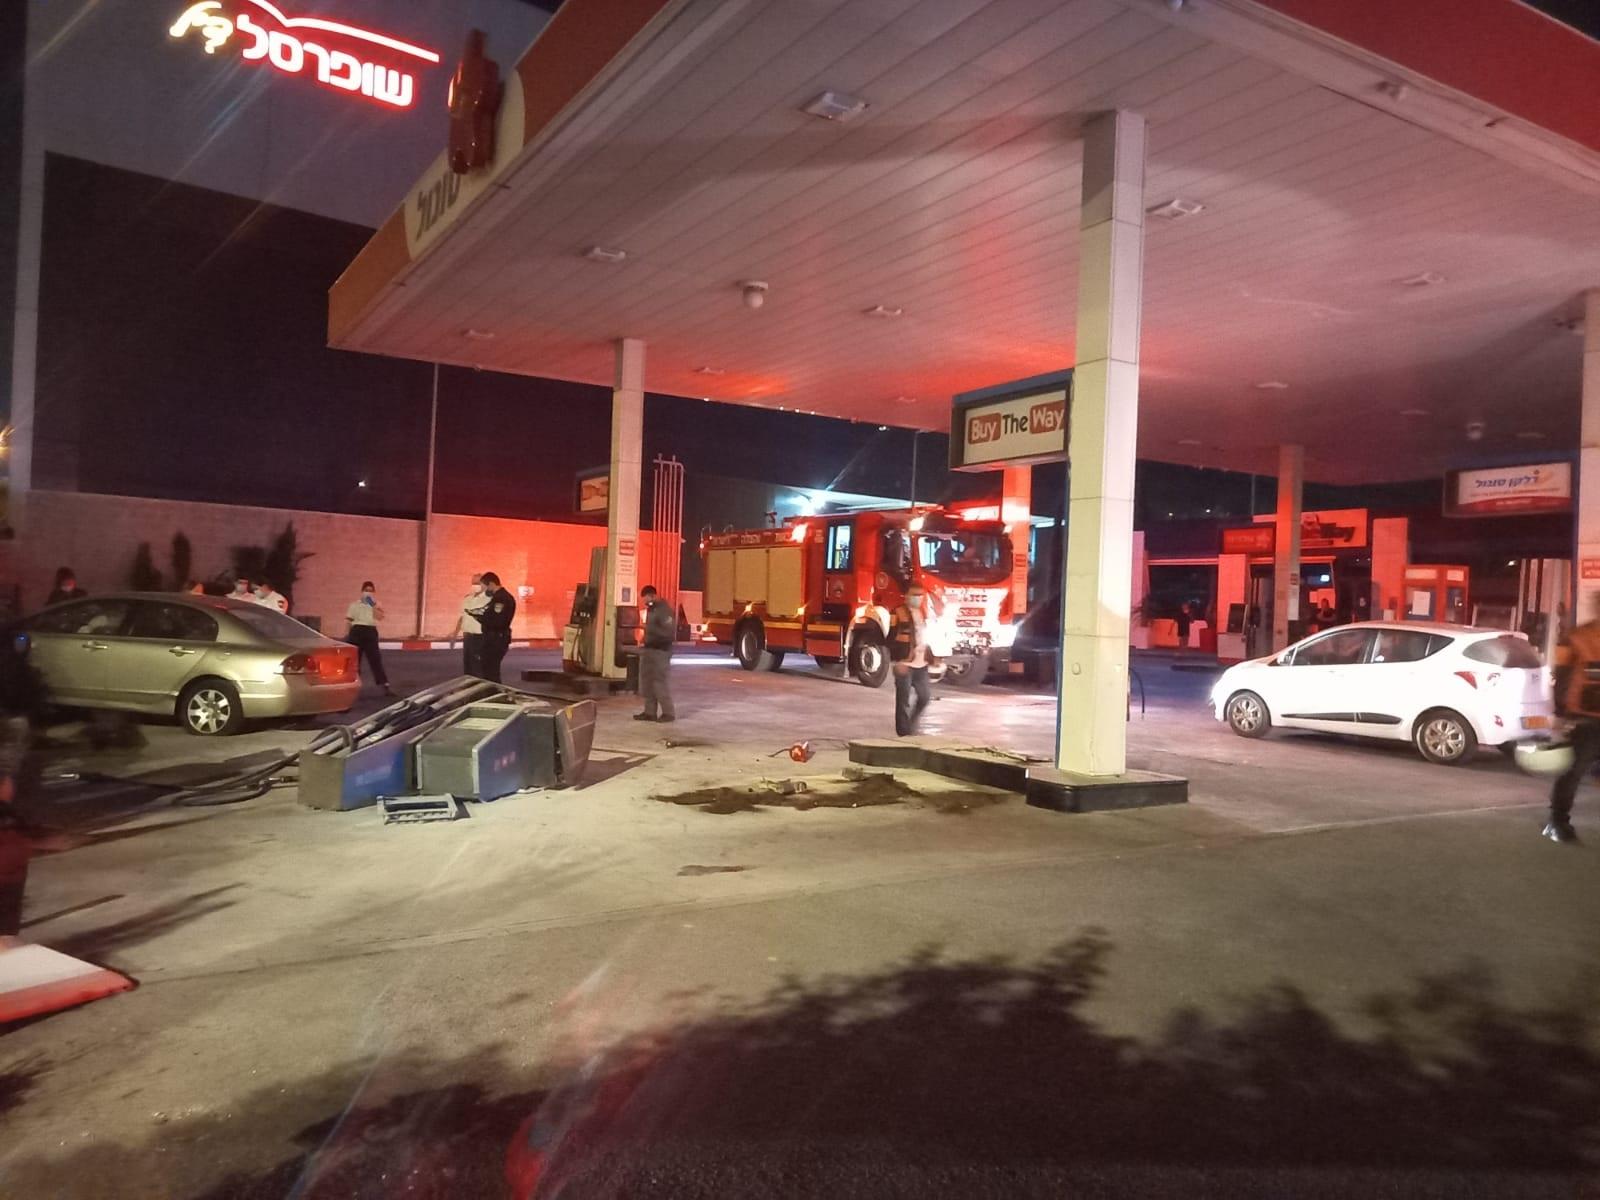 רכב התנגש במשאבת דלק בנס לא היו נפגעים